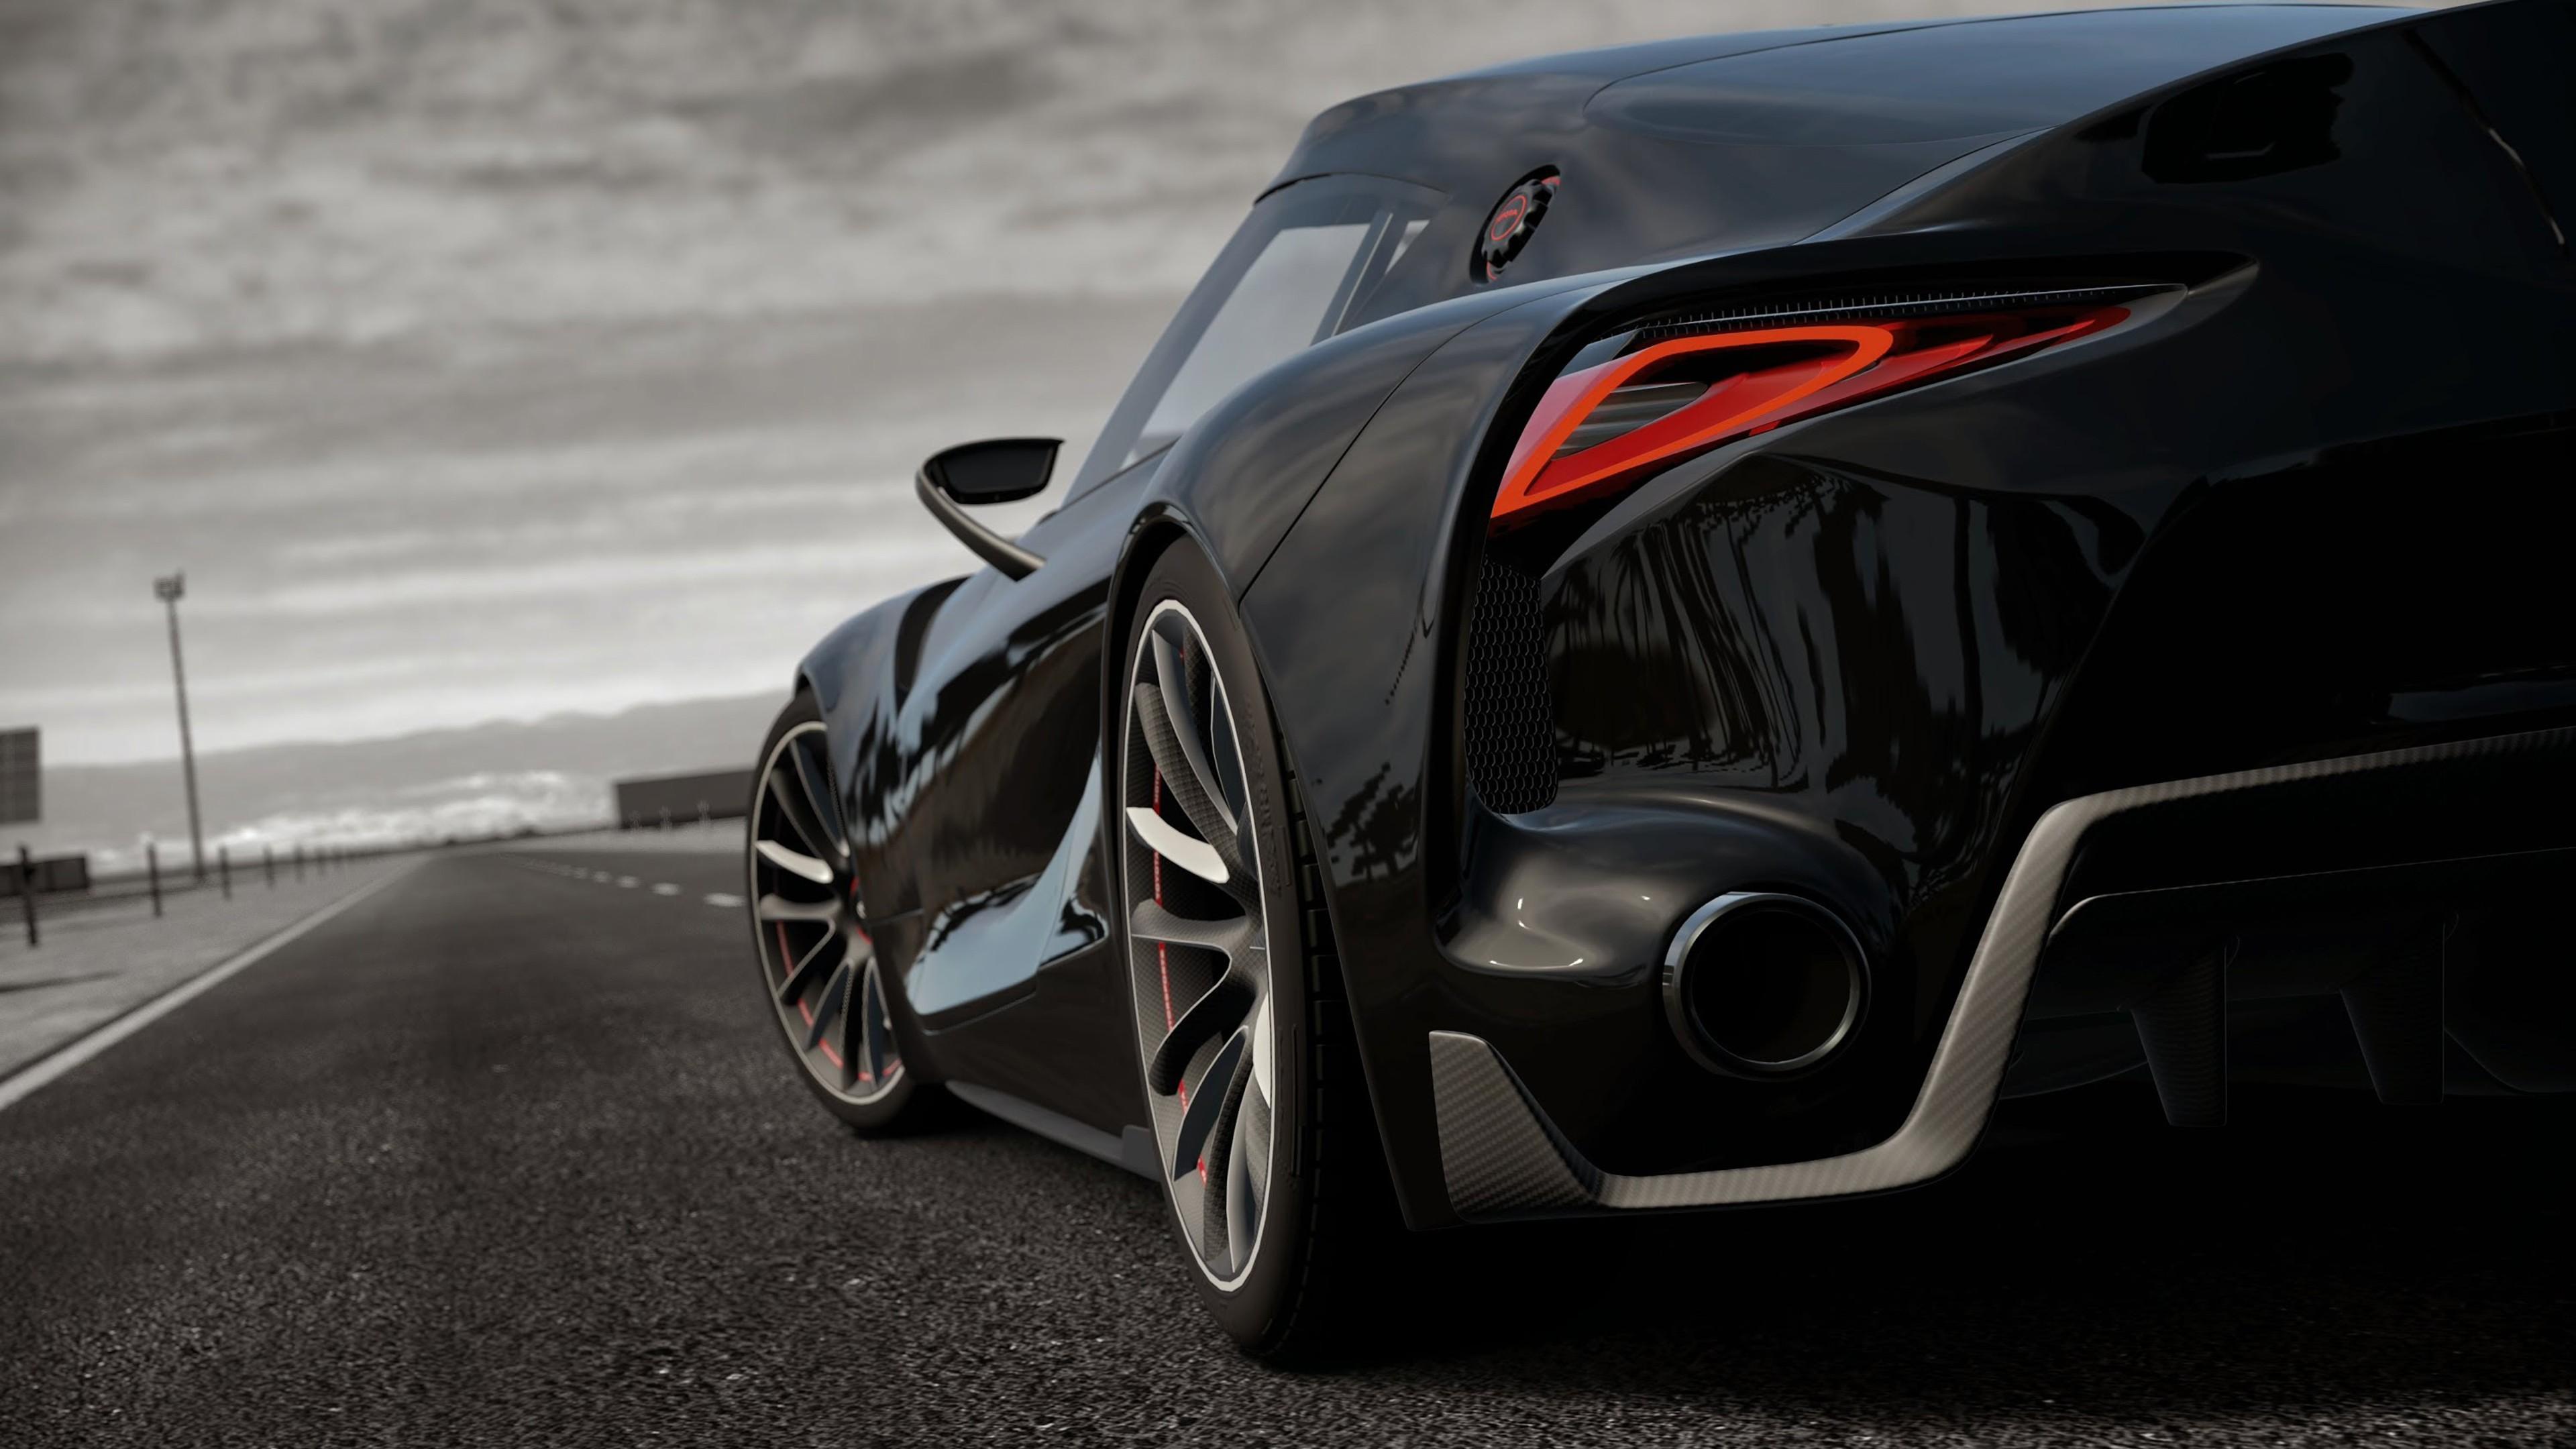 Concept Car black  № 1175593 загрузить